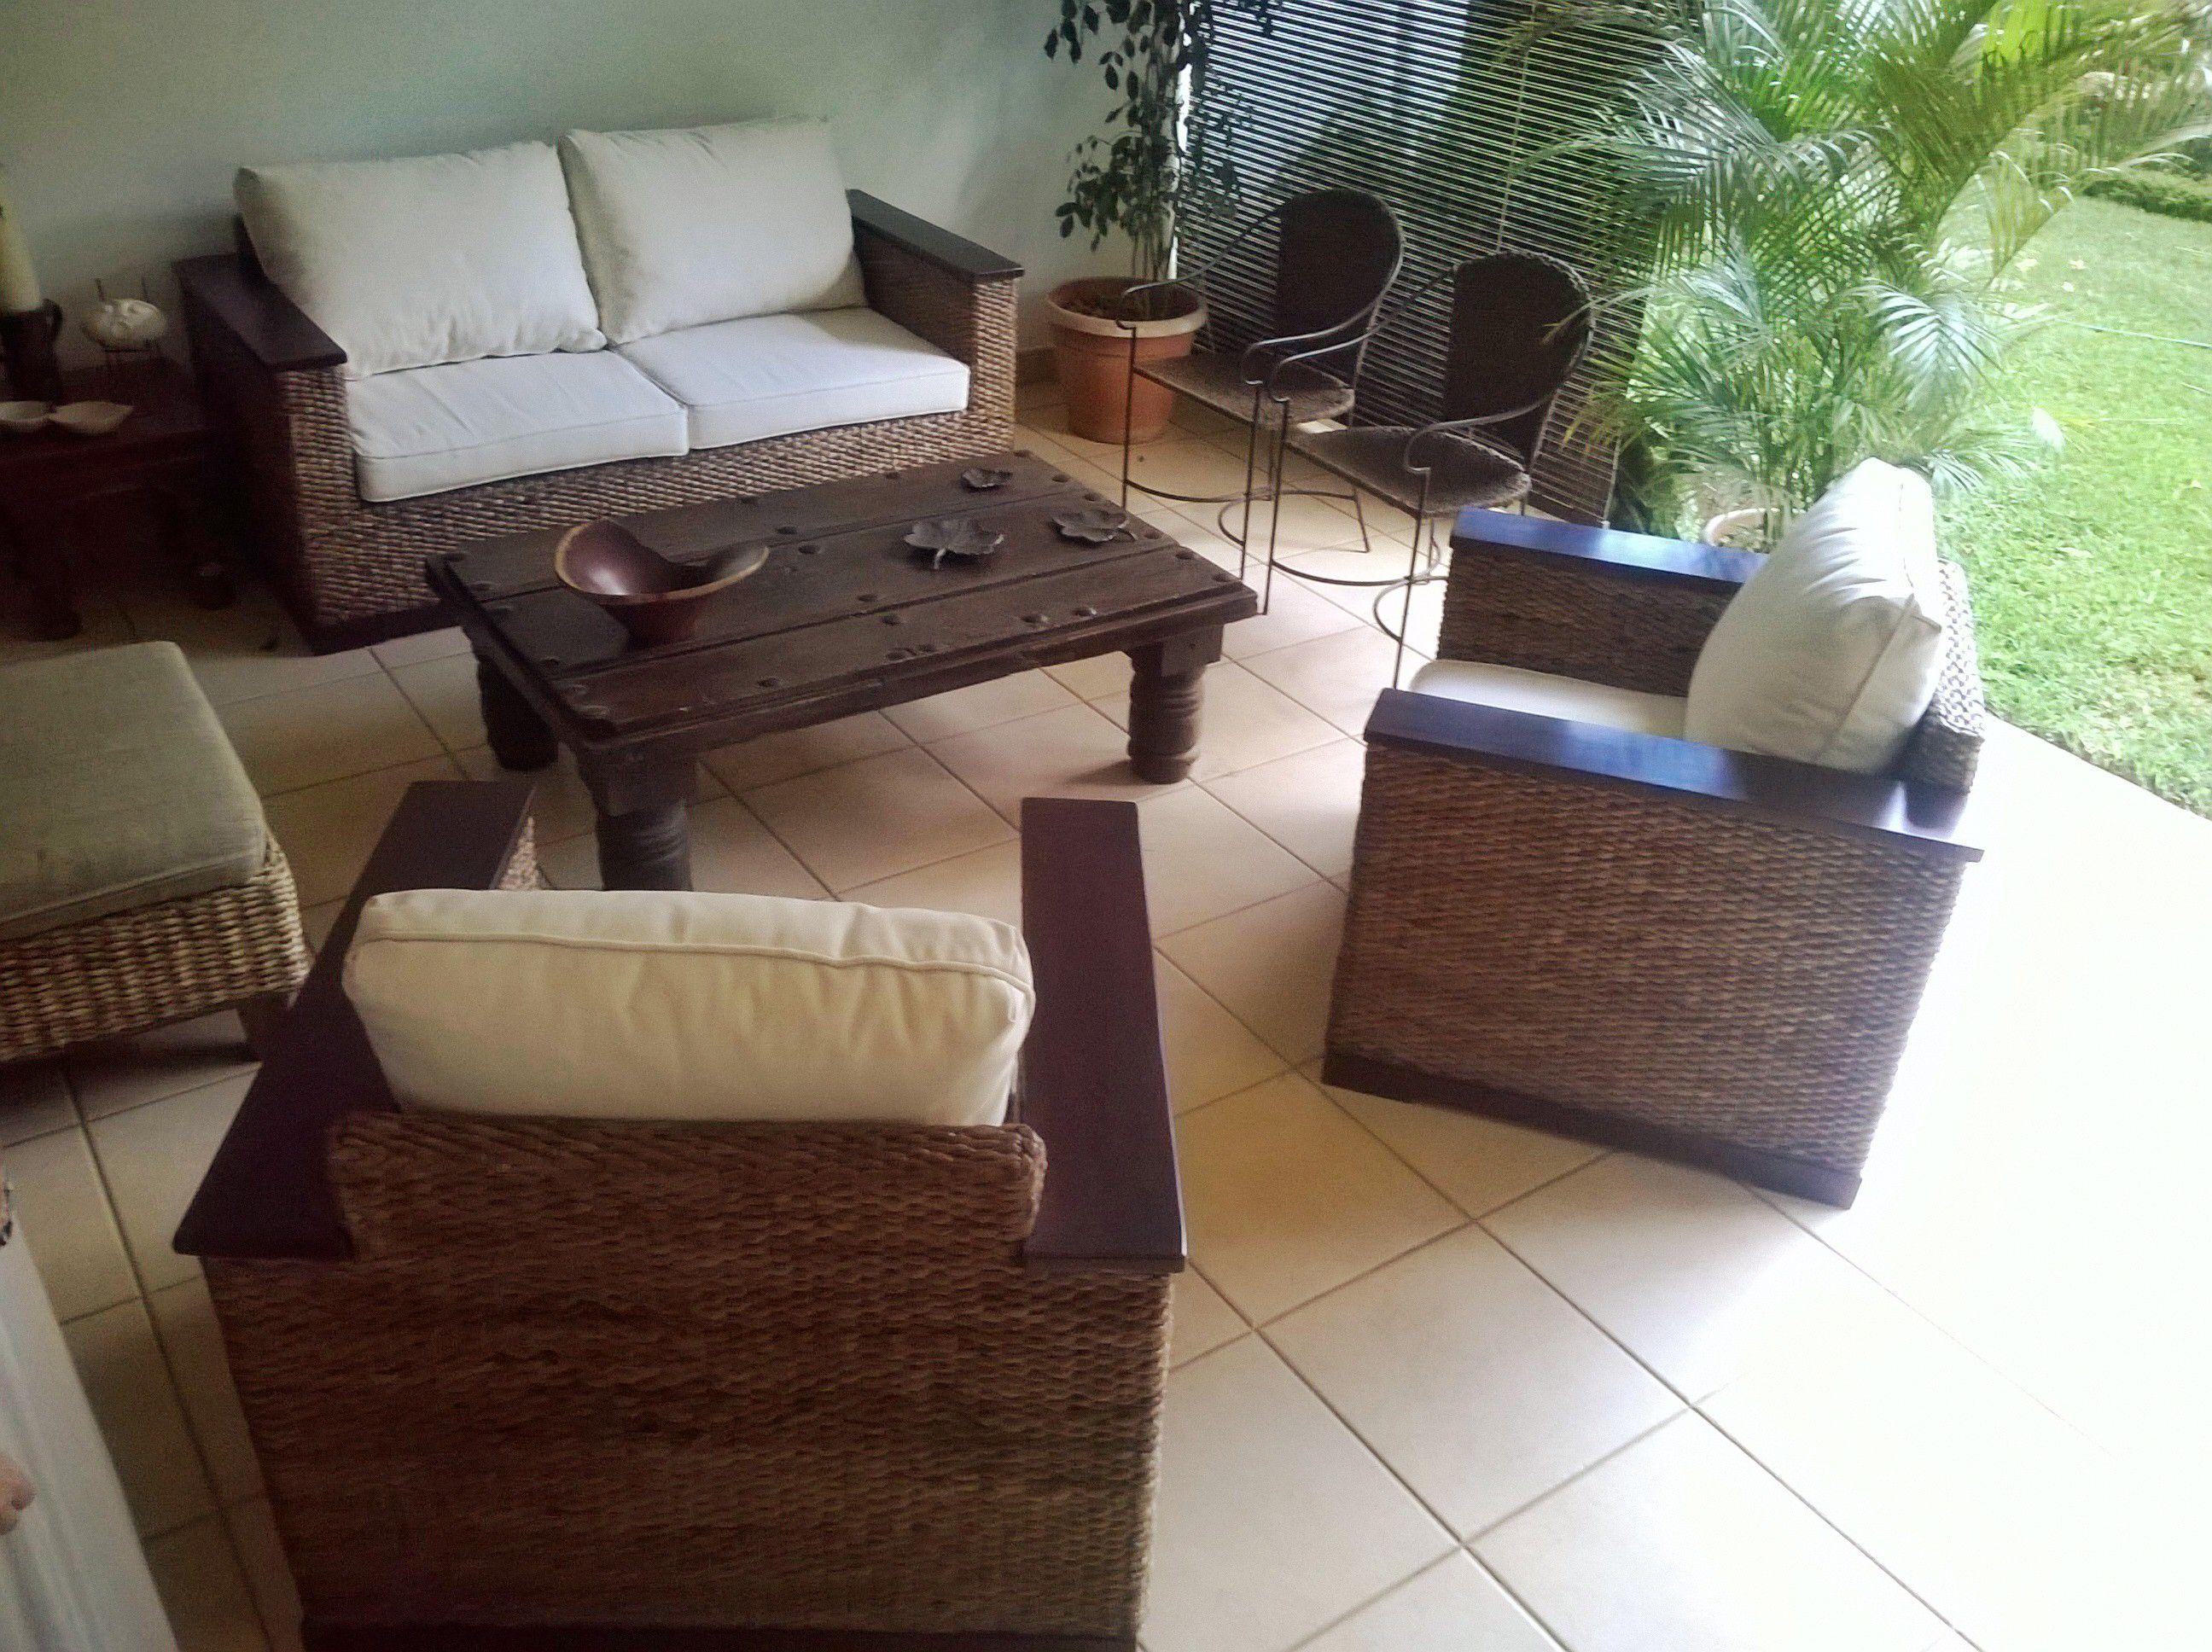 Mueble Toscana En Fibra De Pl Tano Y Apoya Brazo De Madera  # Muebles Toscano Cordoba